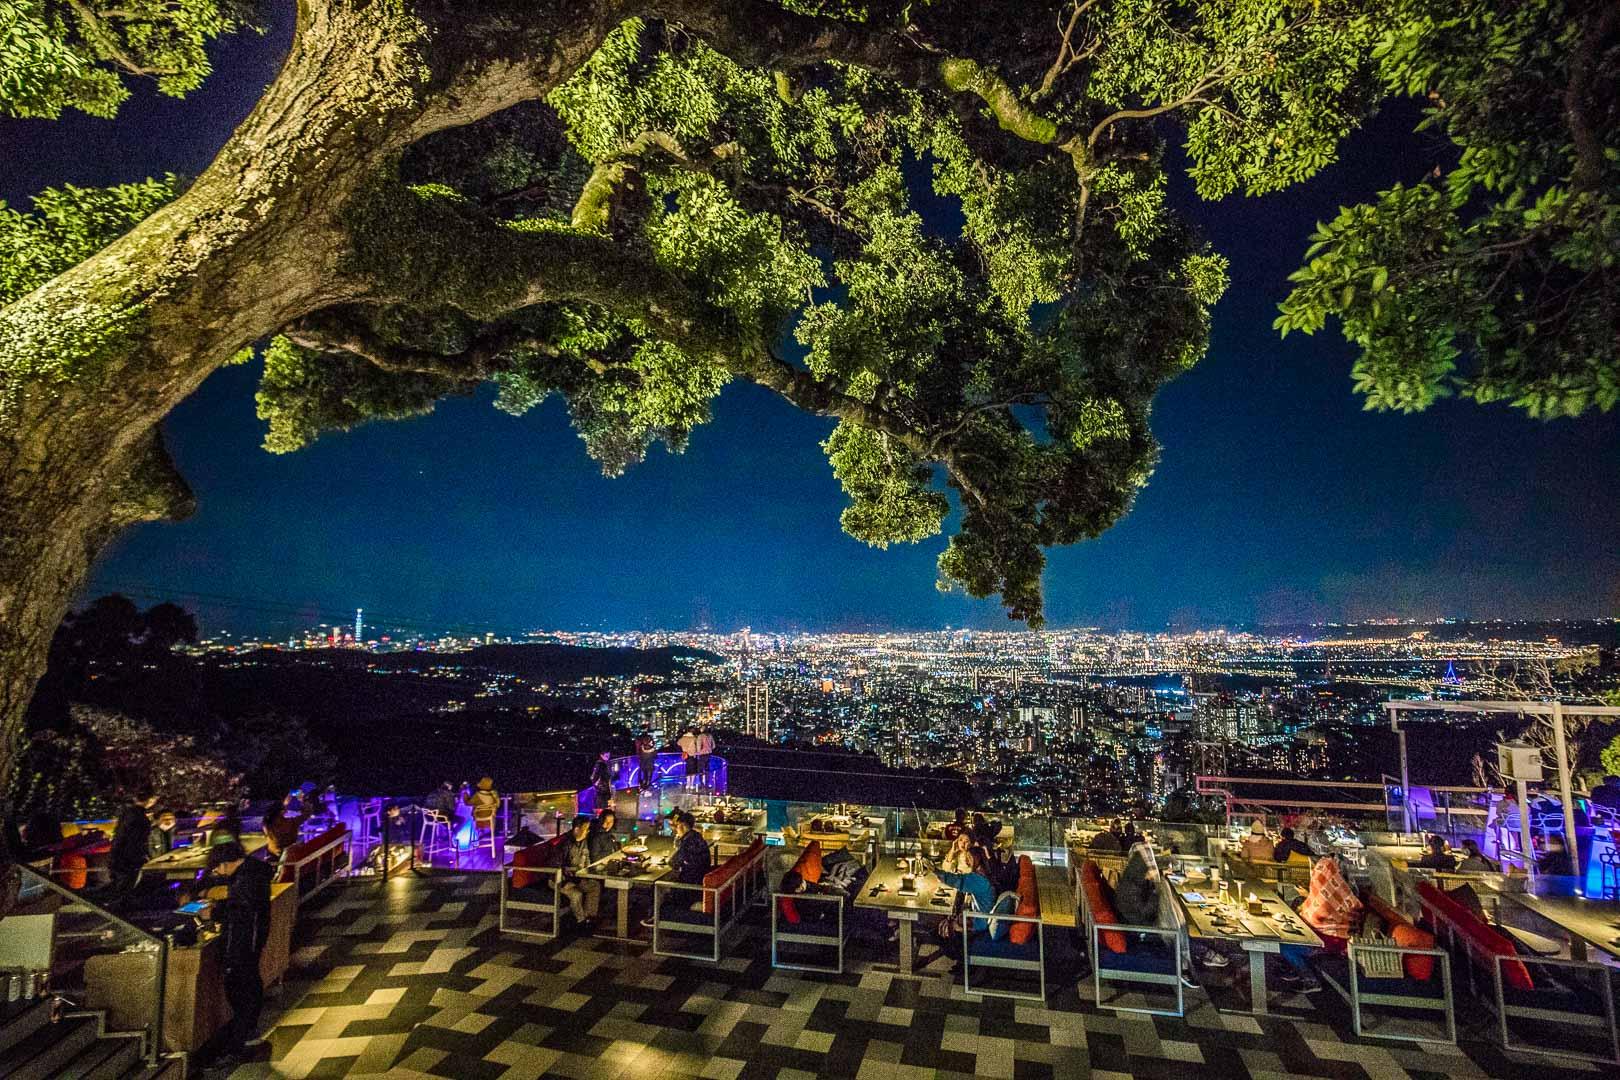 [台北夜景]草山夜未眠景觀餐廳/陽明山夜景餐廳推薦,絕美夜景約會聖地!